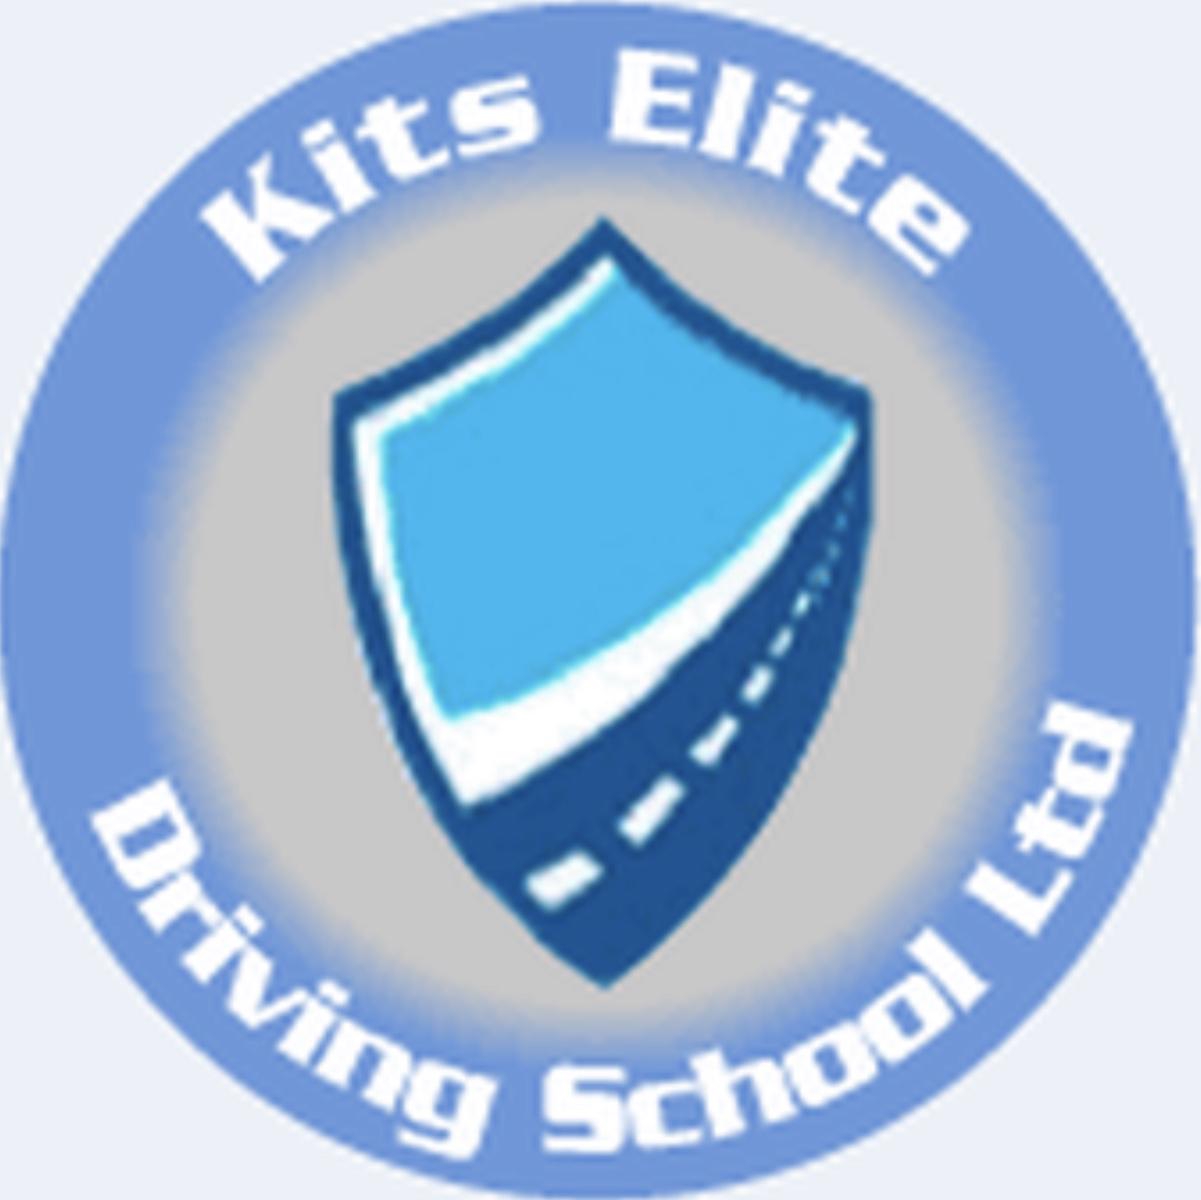 kitselitedriving school Ltd.